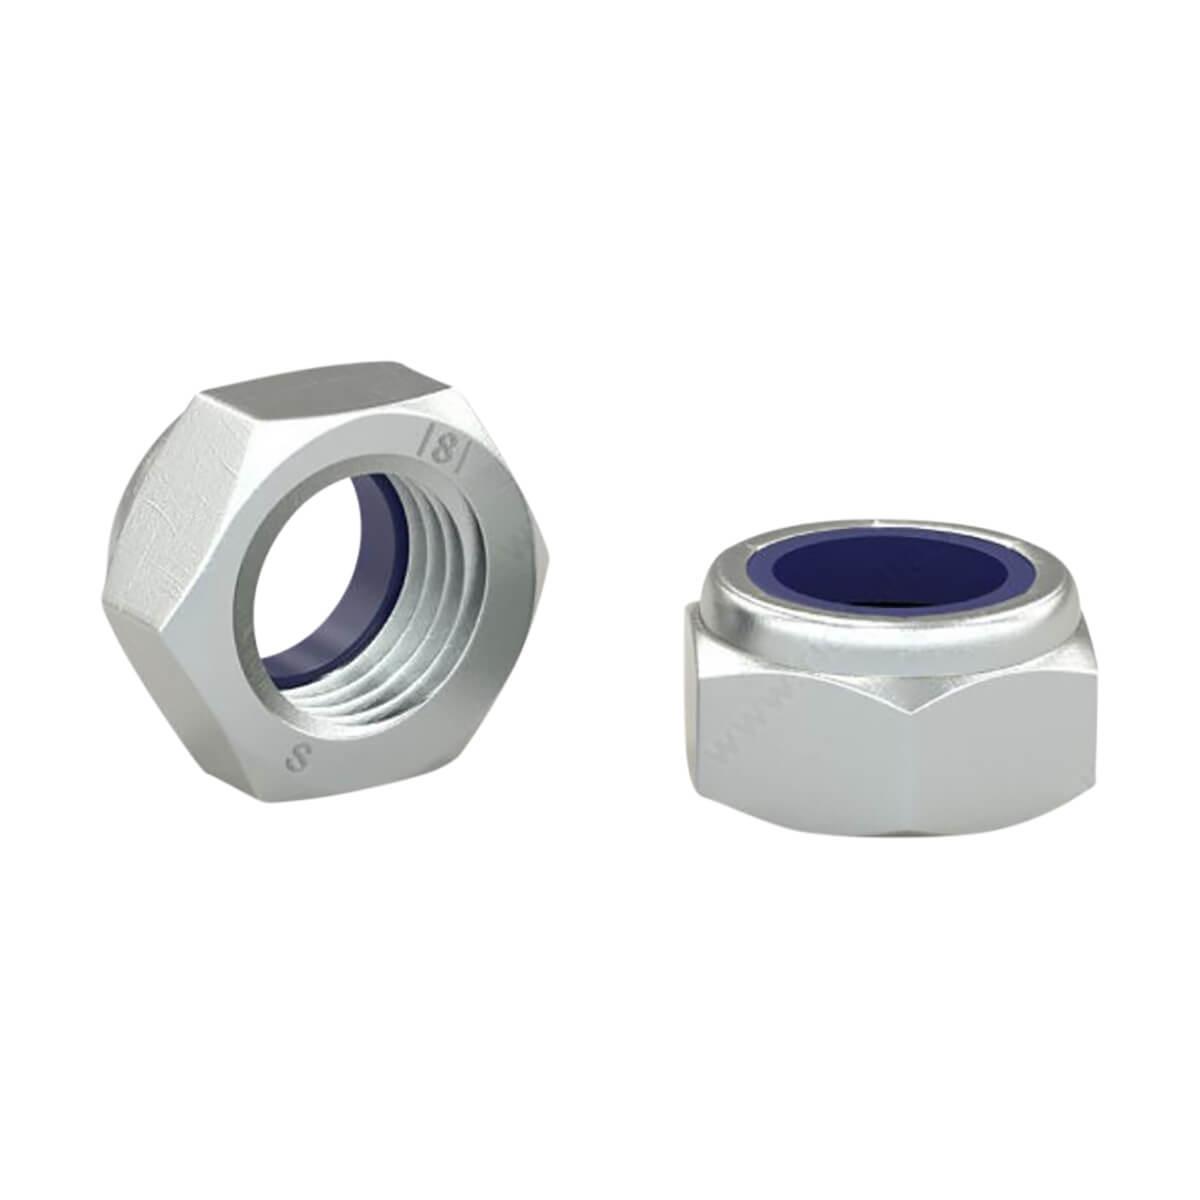 Hex Lock Nut - Metric - M6 - 4 Pack